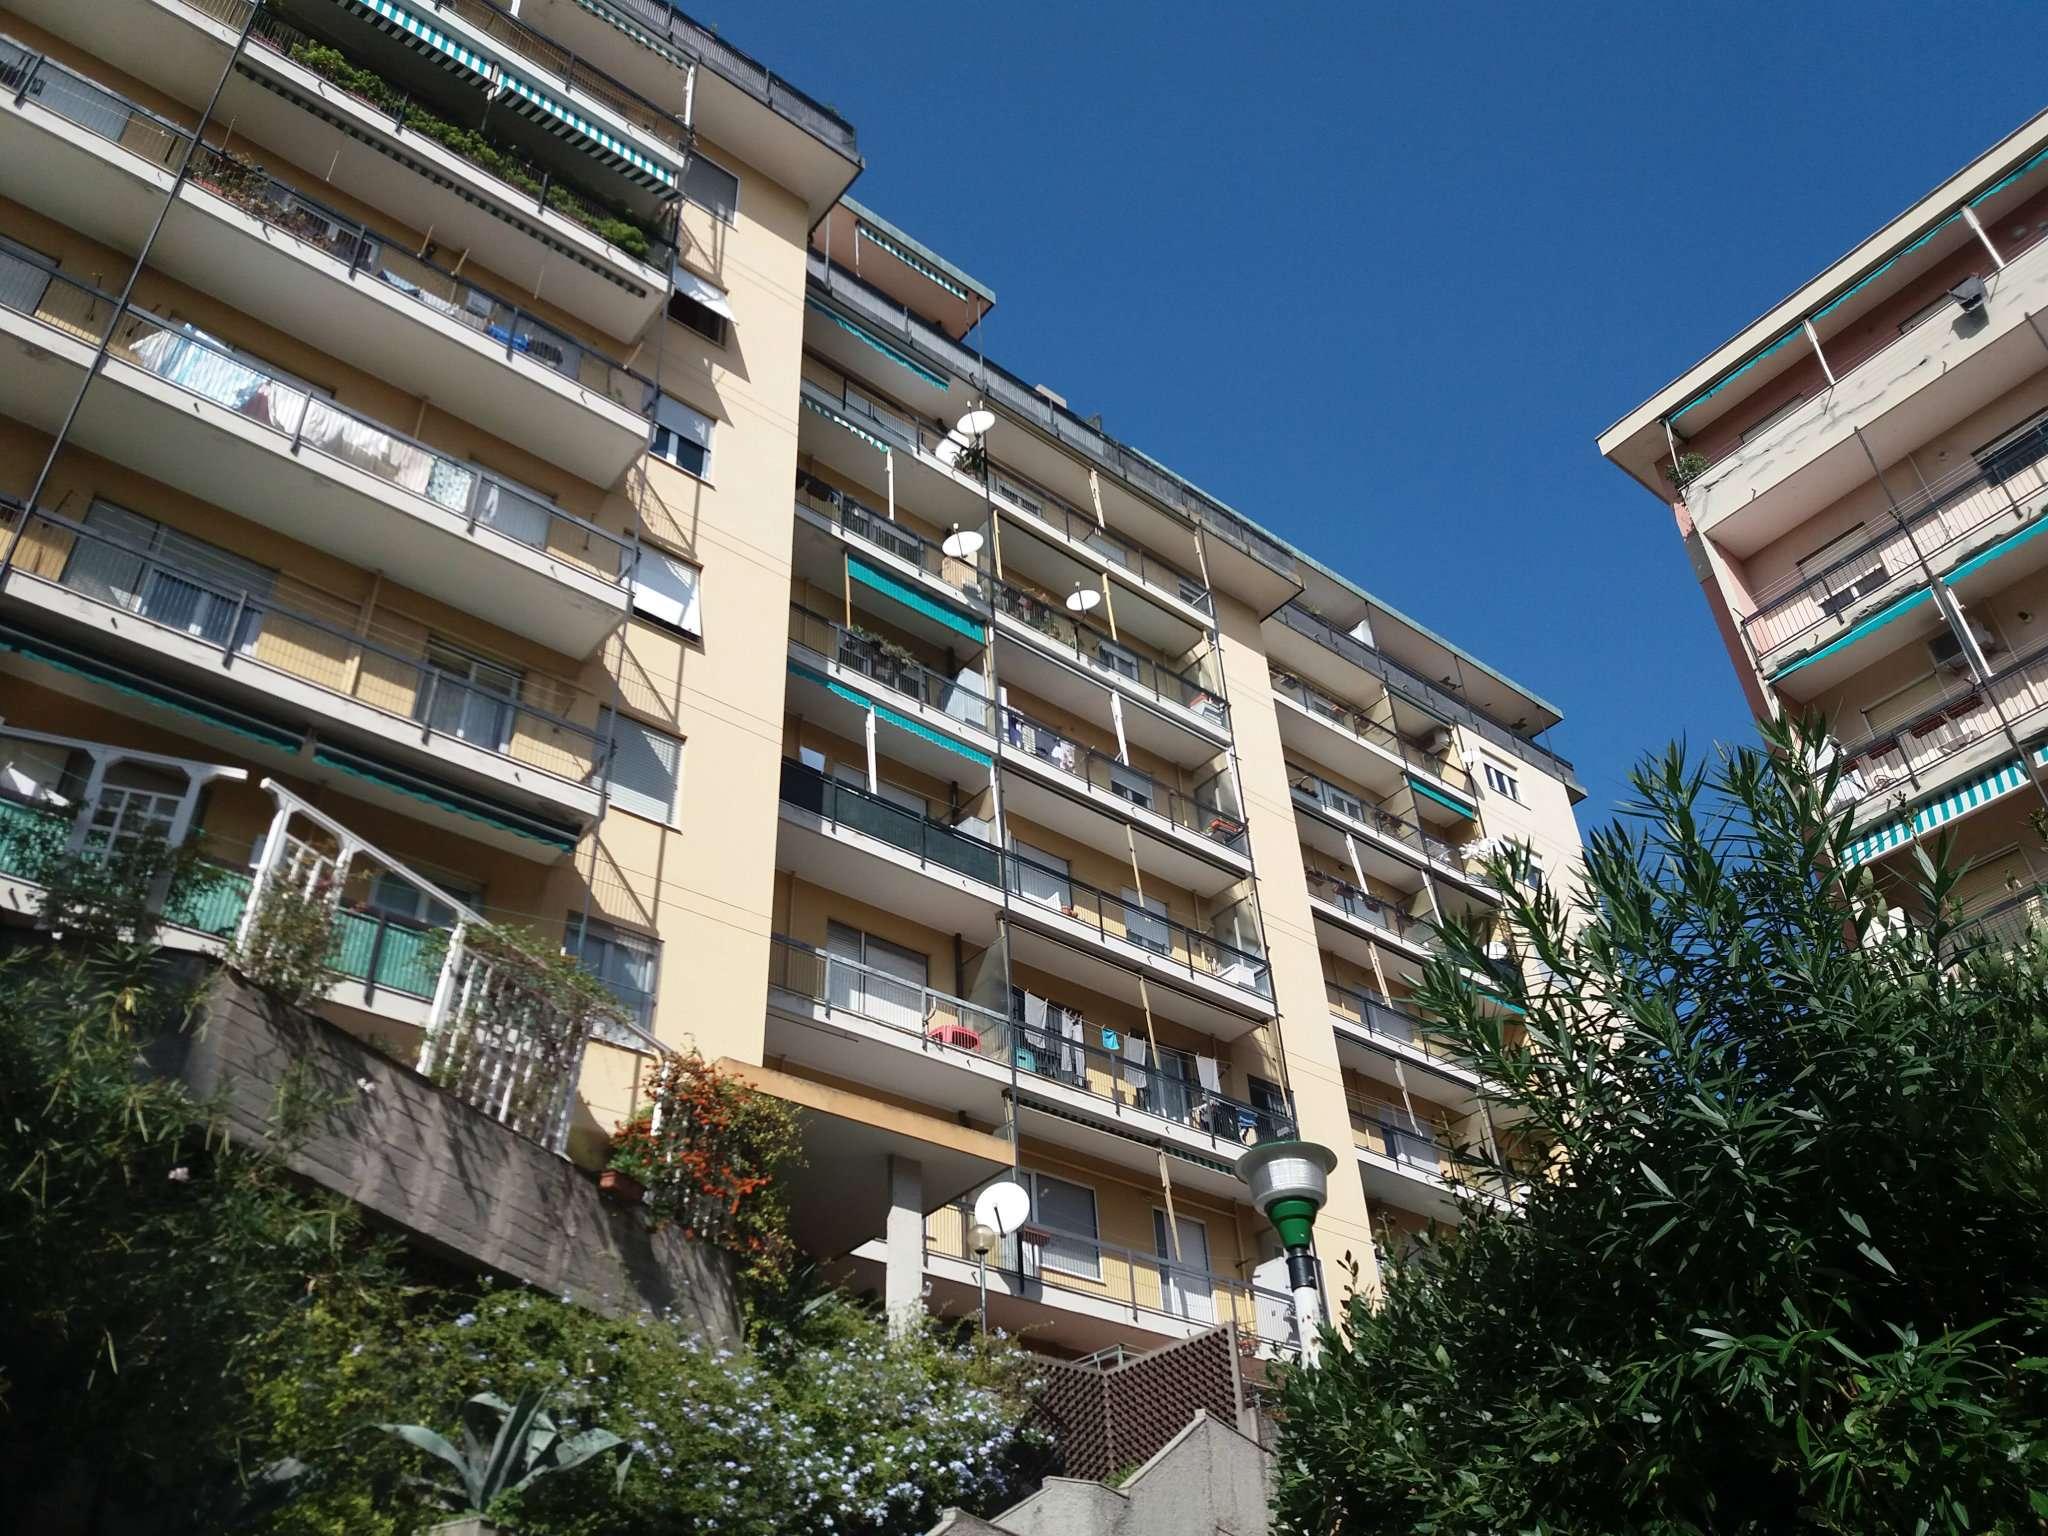 Appartamento in Vendita a Genova Semicentro Ovest: 3 locali, 75 mq